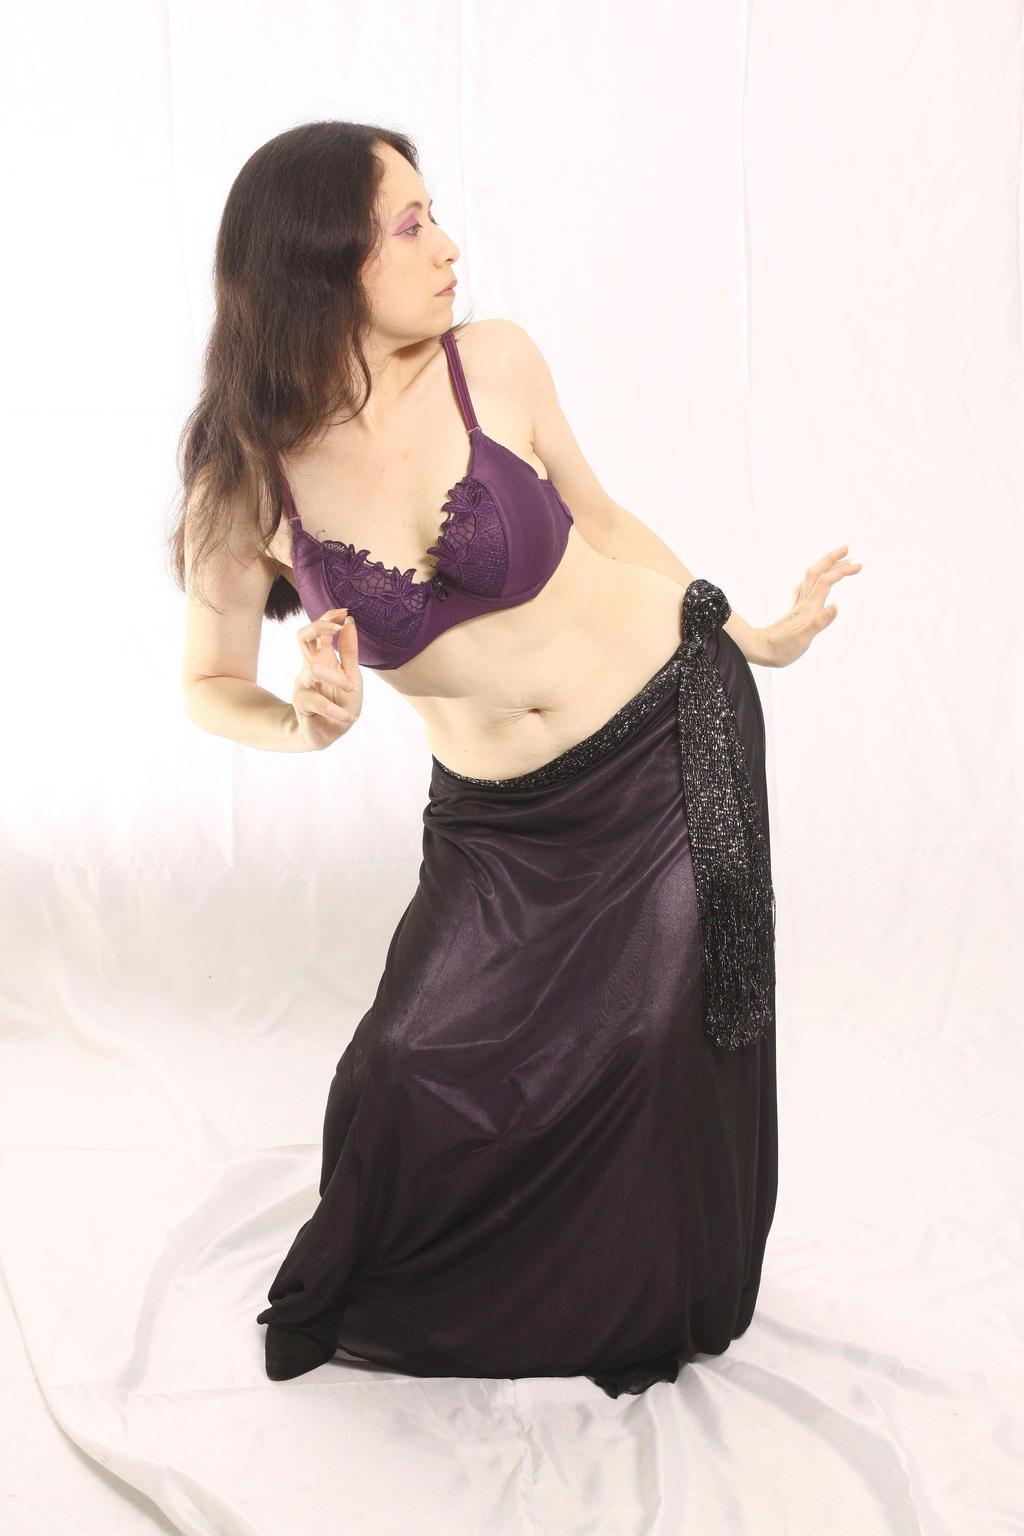 Dancer05 by Lilinaceleste